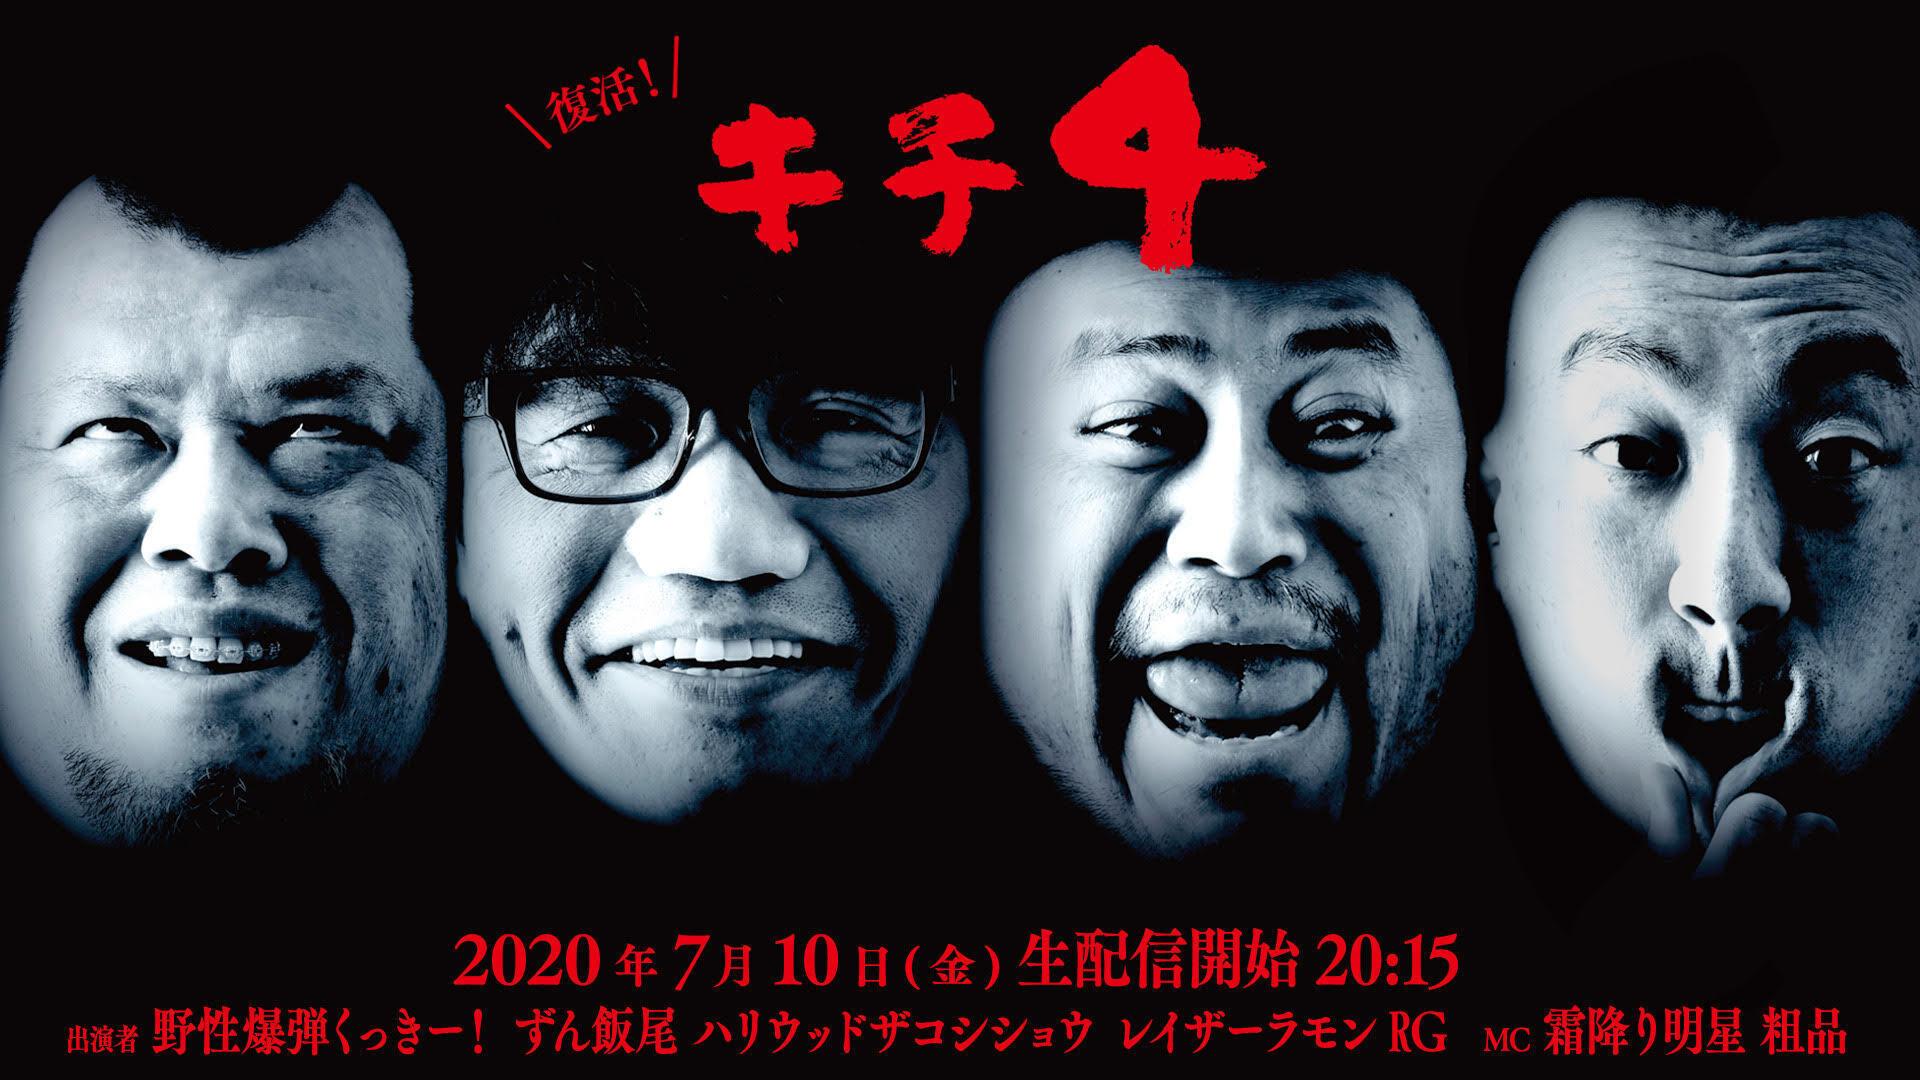 http://www.syumatsu.jp/20200622180059-f5d5e19f9d16c8aae683a42c7387c73afc0699ff.jpg